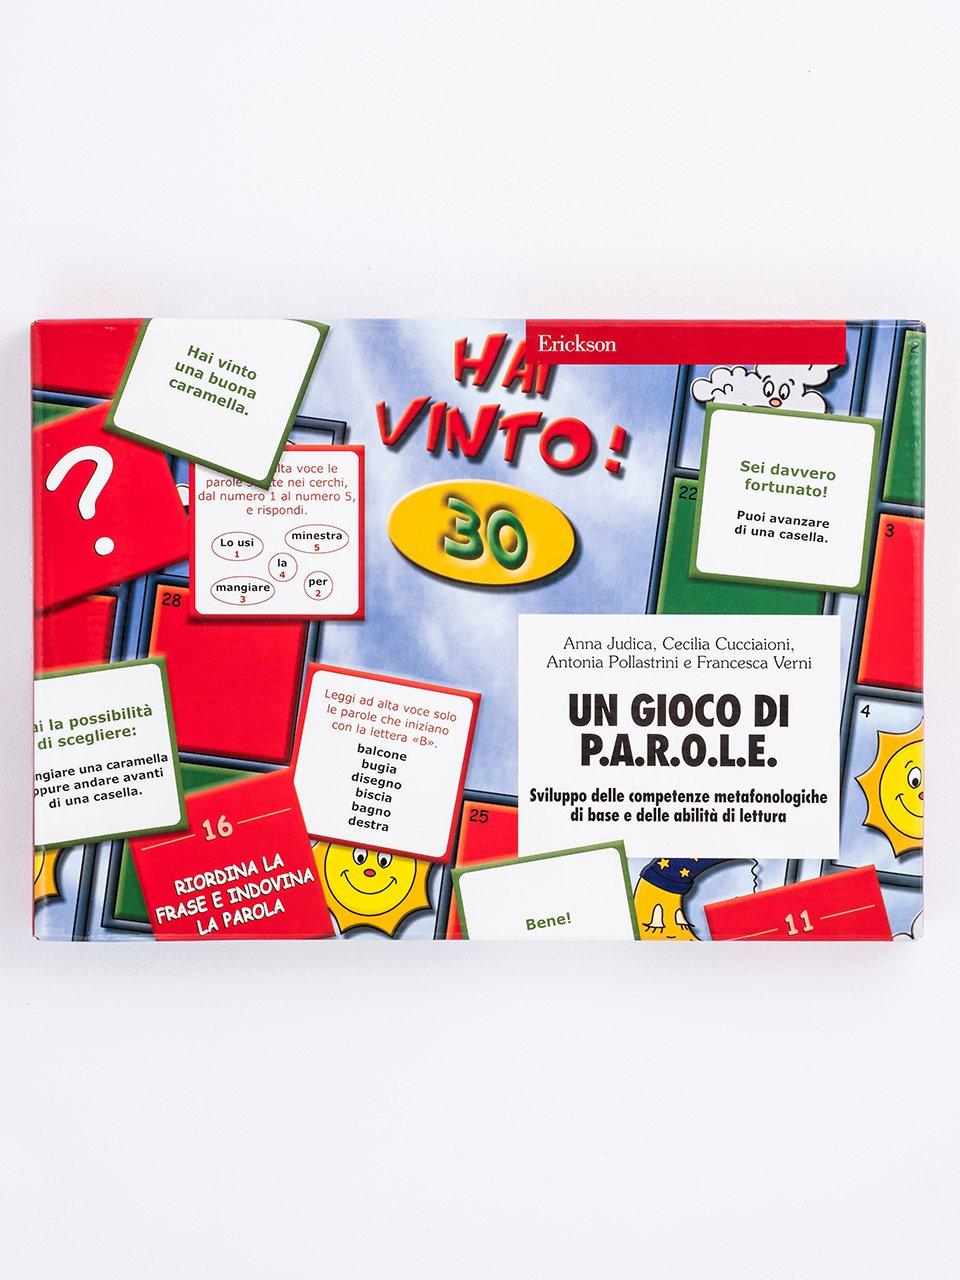 Un gioco di P.A.R.O.L.E. - Strumenti - Erickson